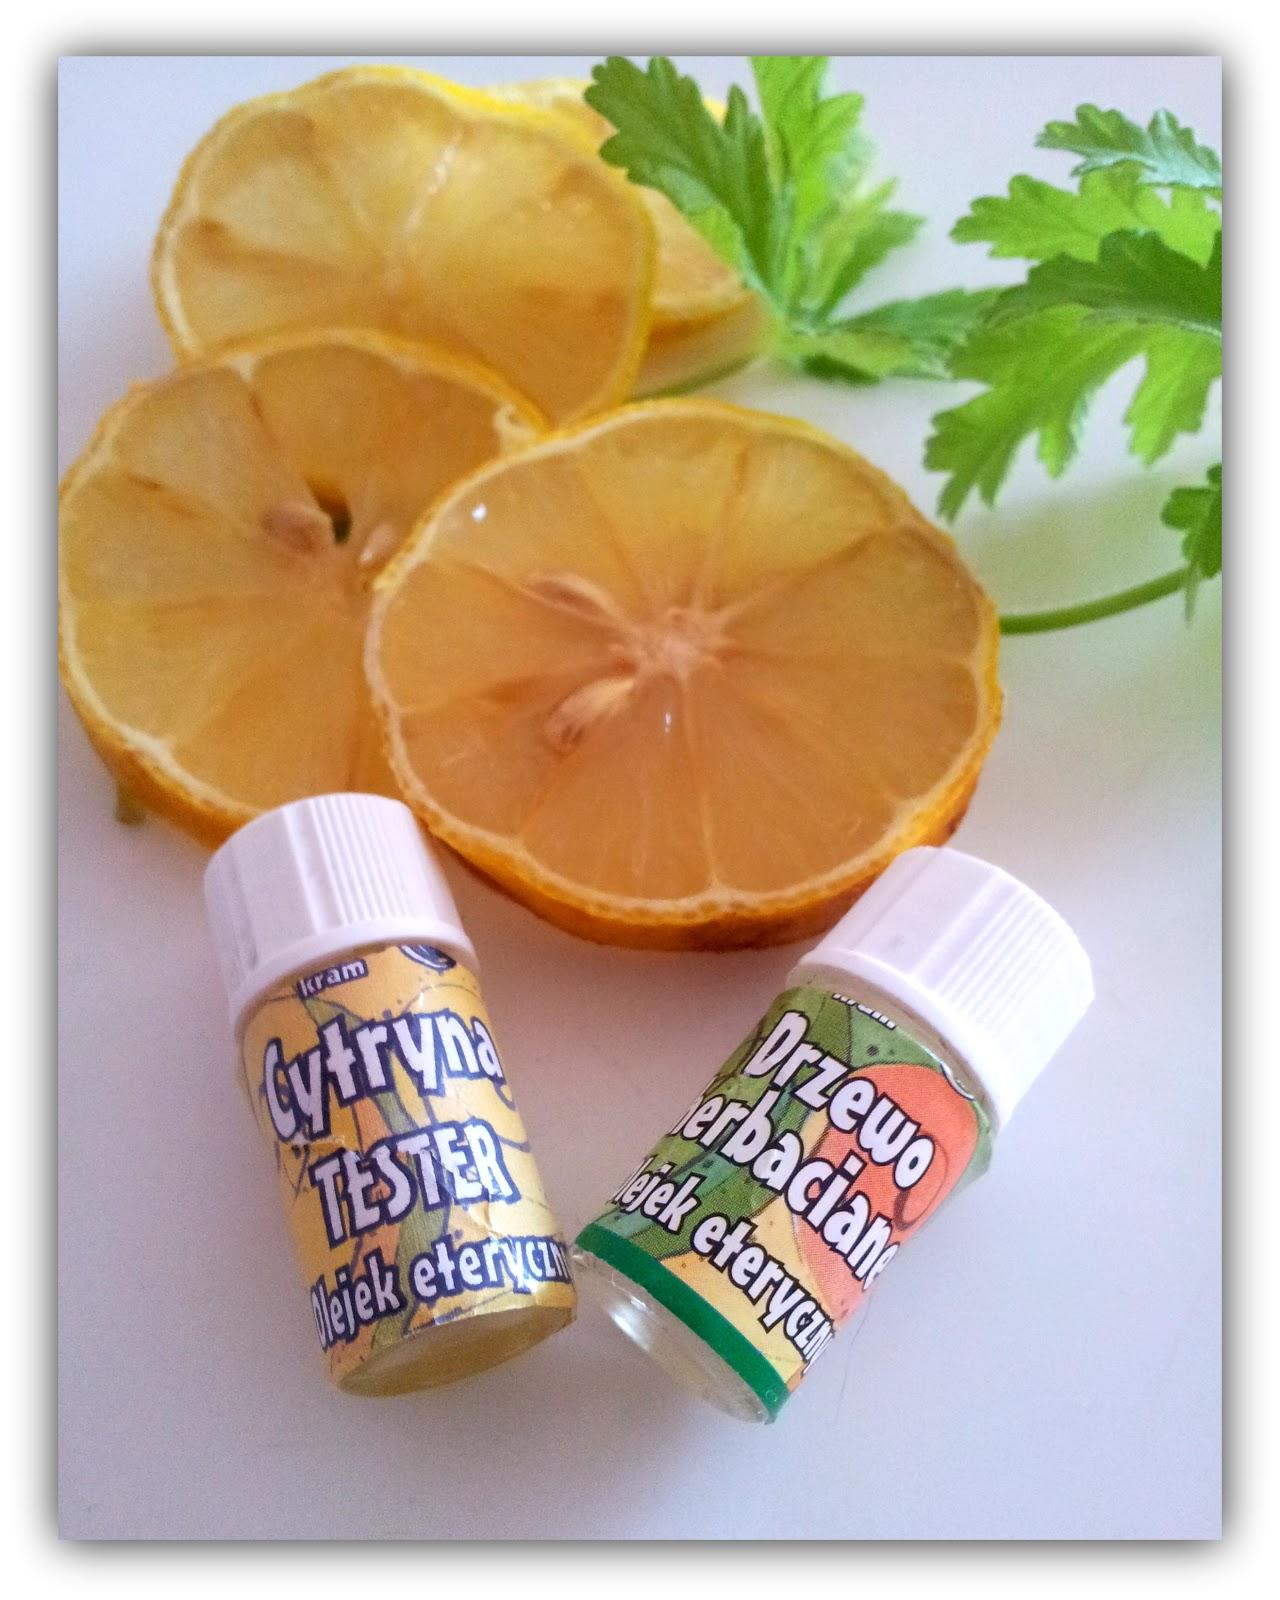 Laboratorium zapachu : olejek cytrynowy & olejek z drzewa herbacianego !